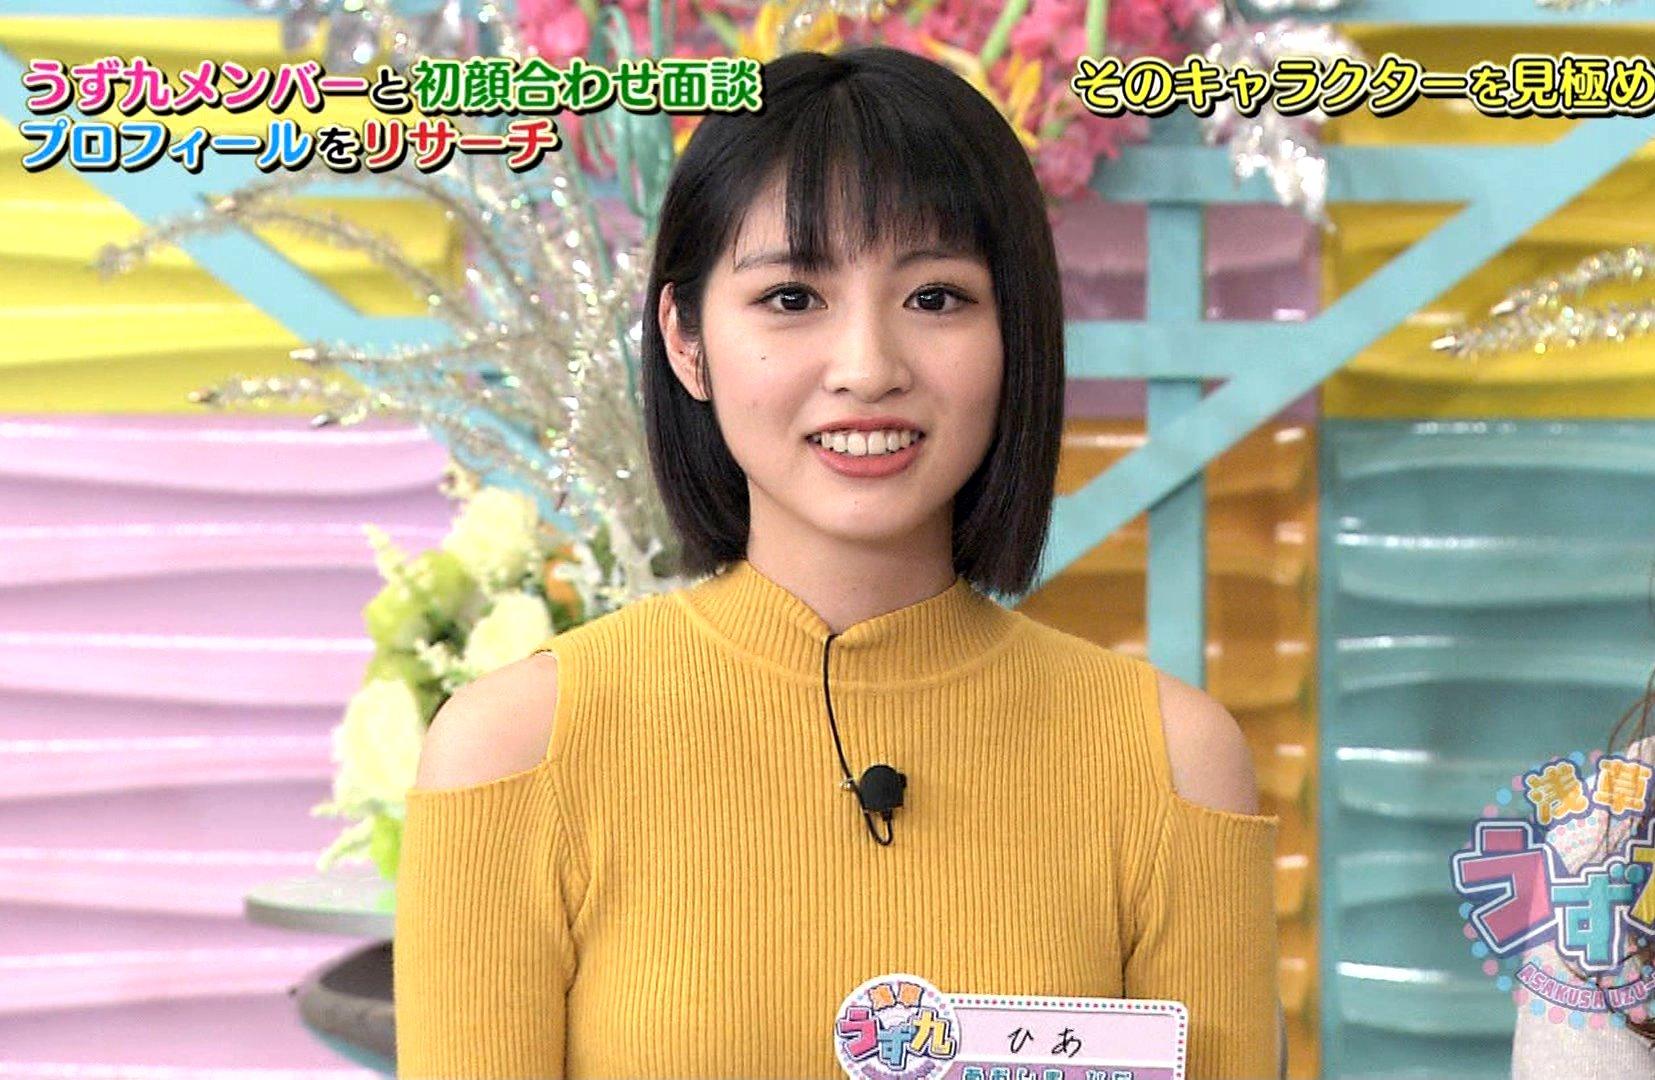 青島妃菜の変顔舌出し (1)